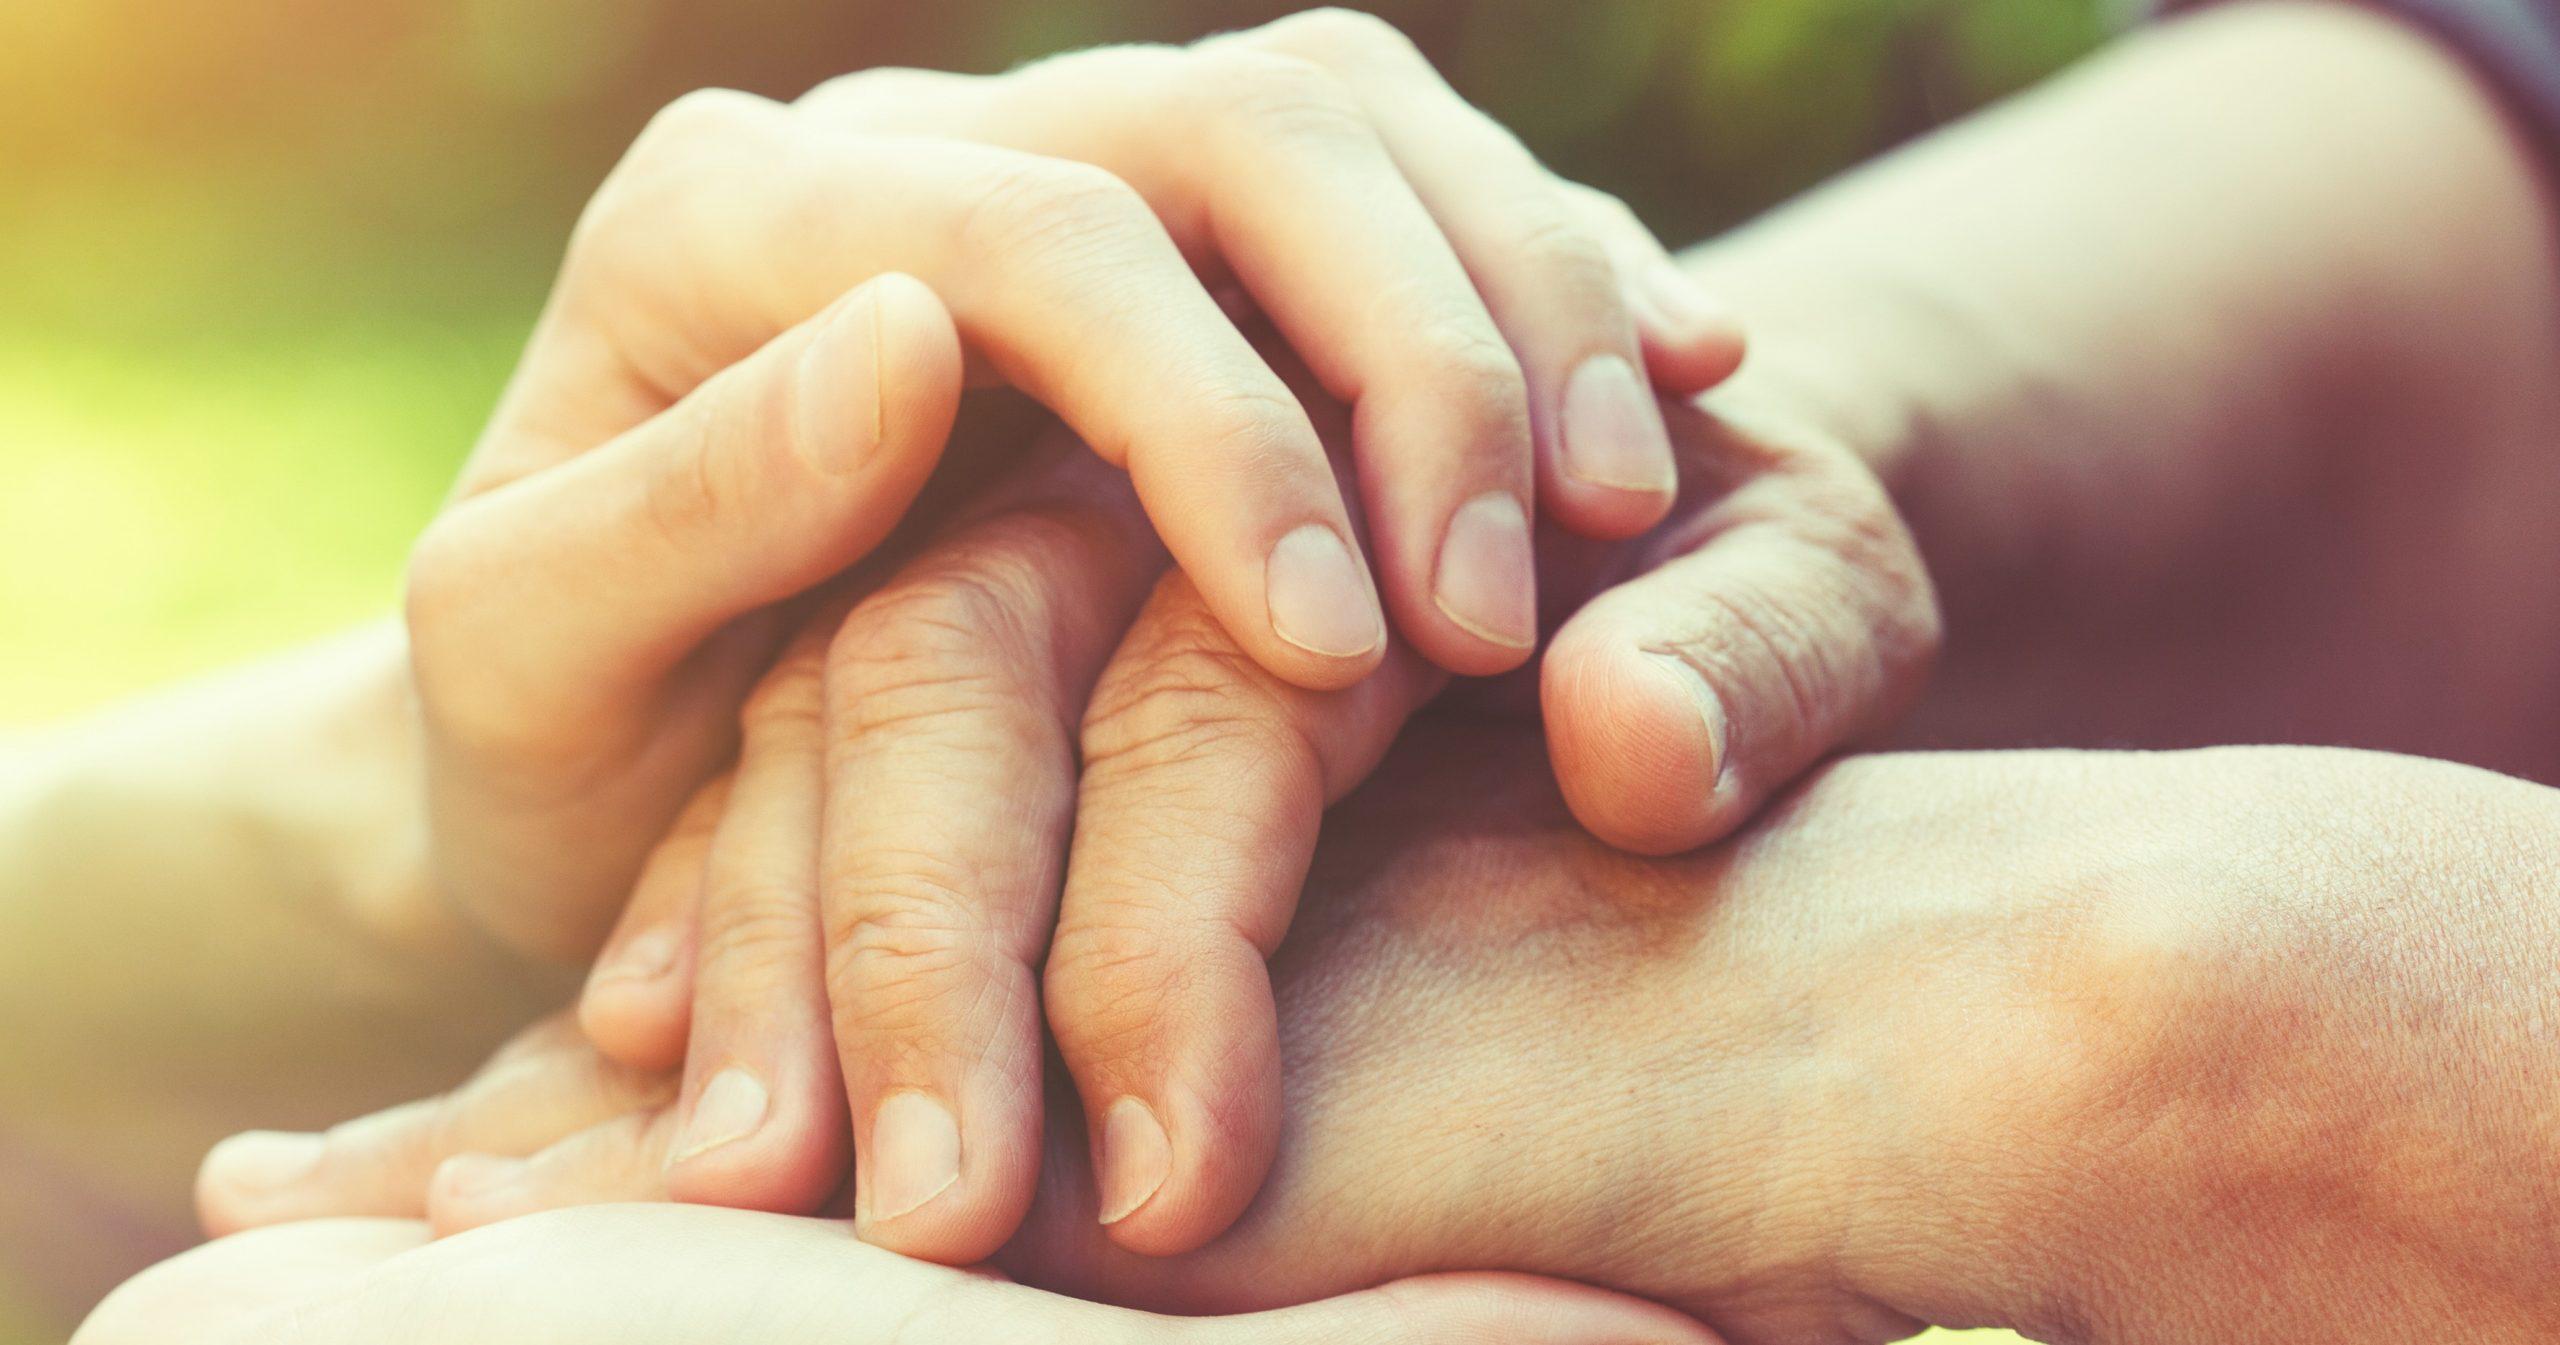 Clínica Psicológica brinda atención gratuita a adultos de La Araucanía y otras regiones